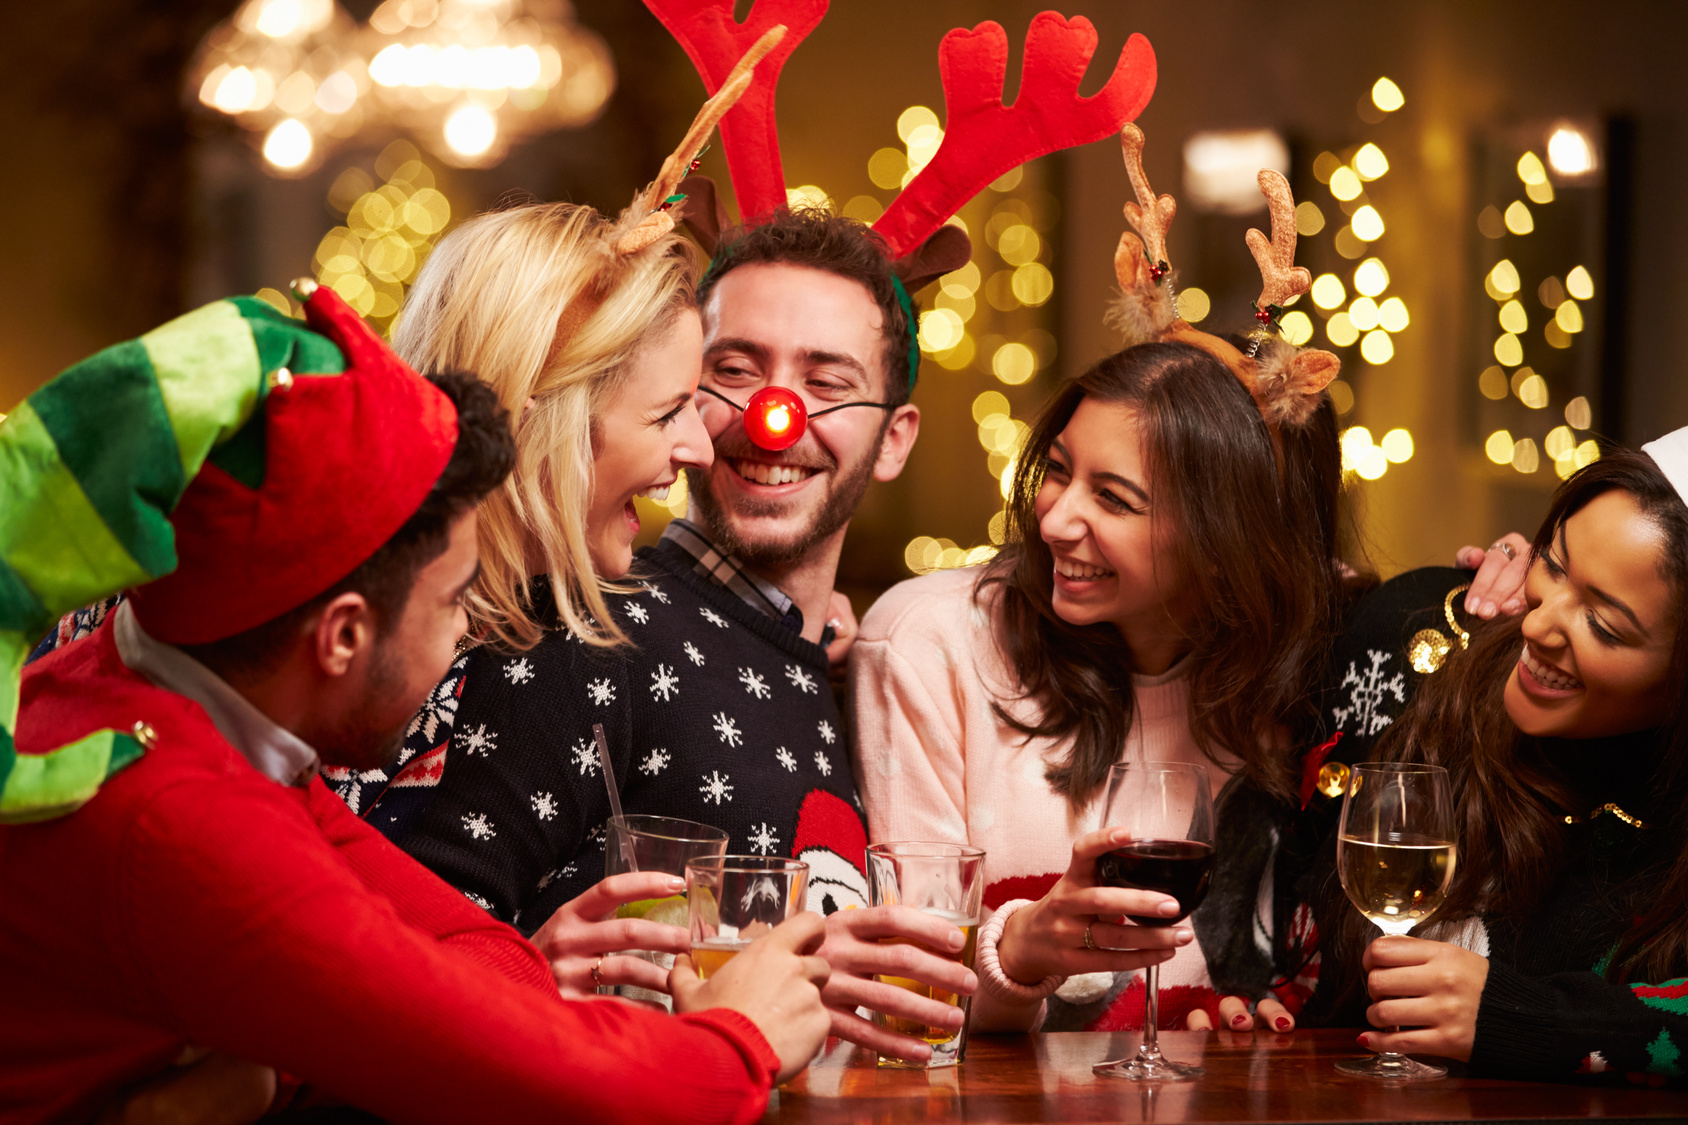 Картинки на тему праздников